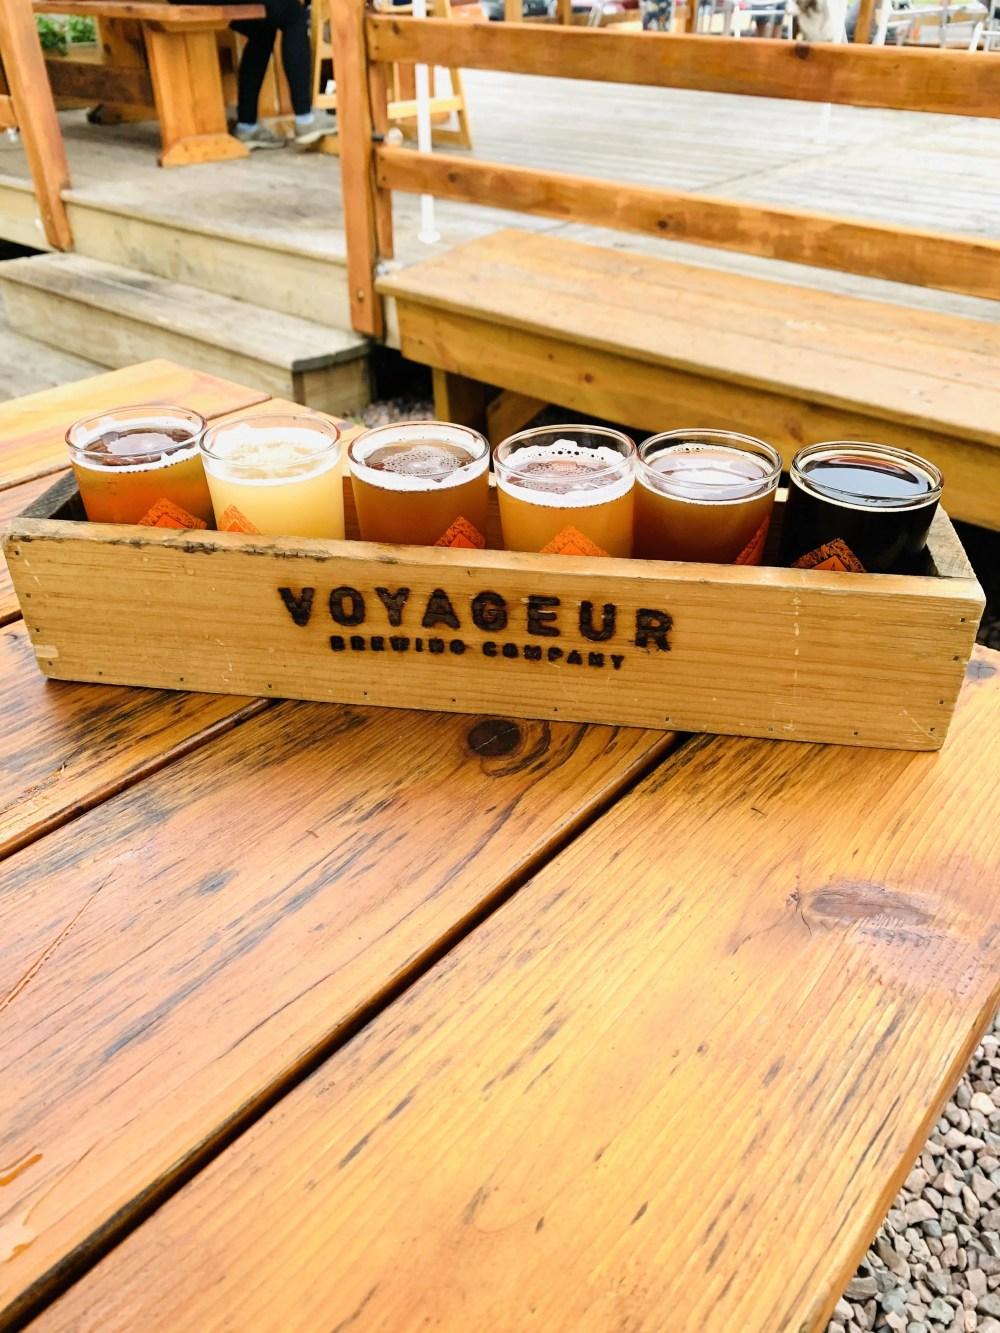 Voyageur Brewing Company